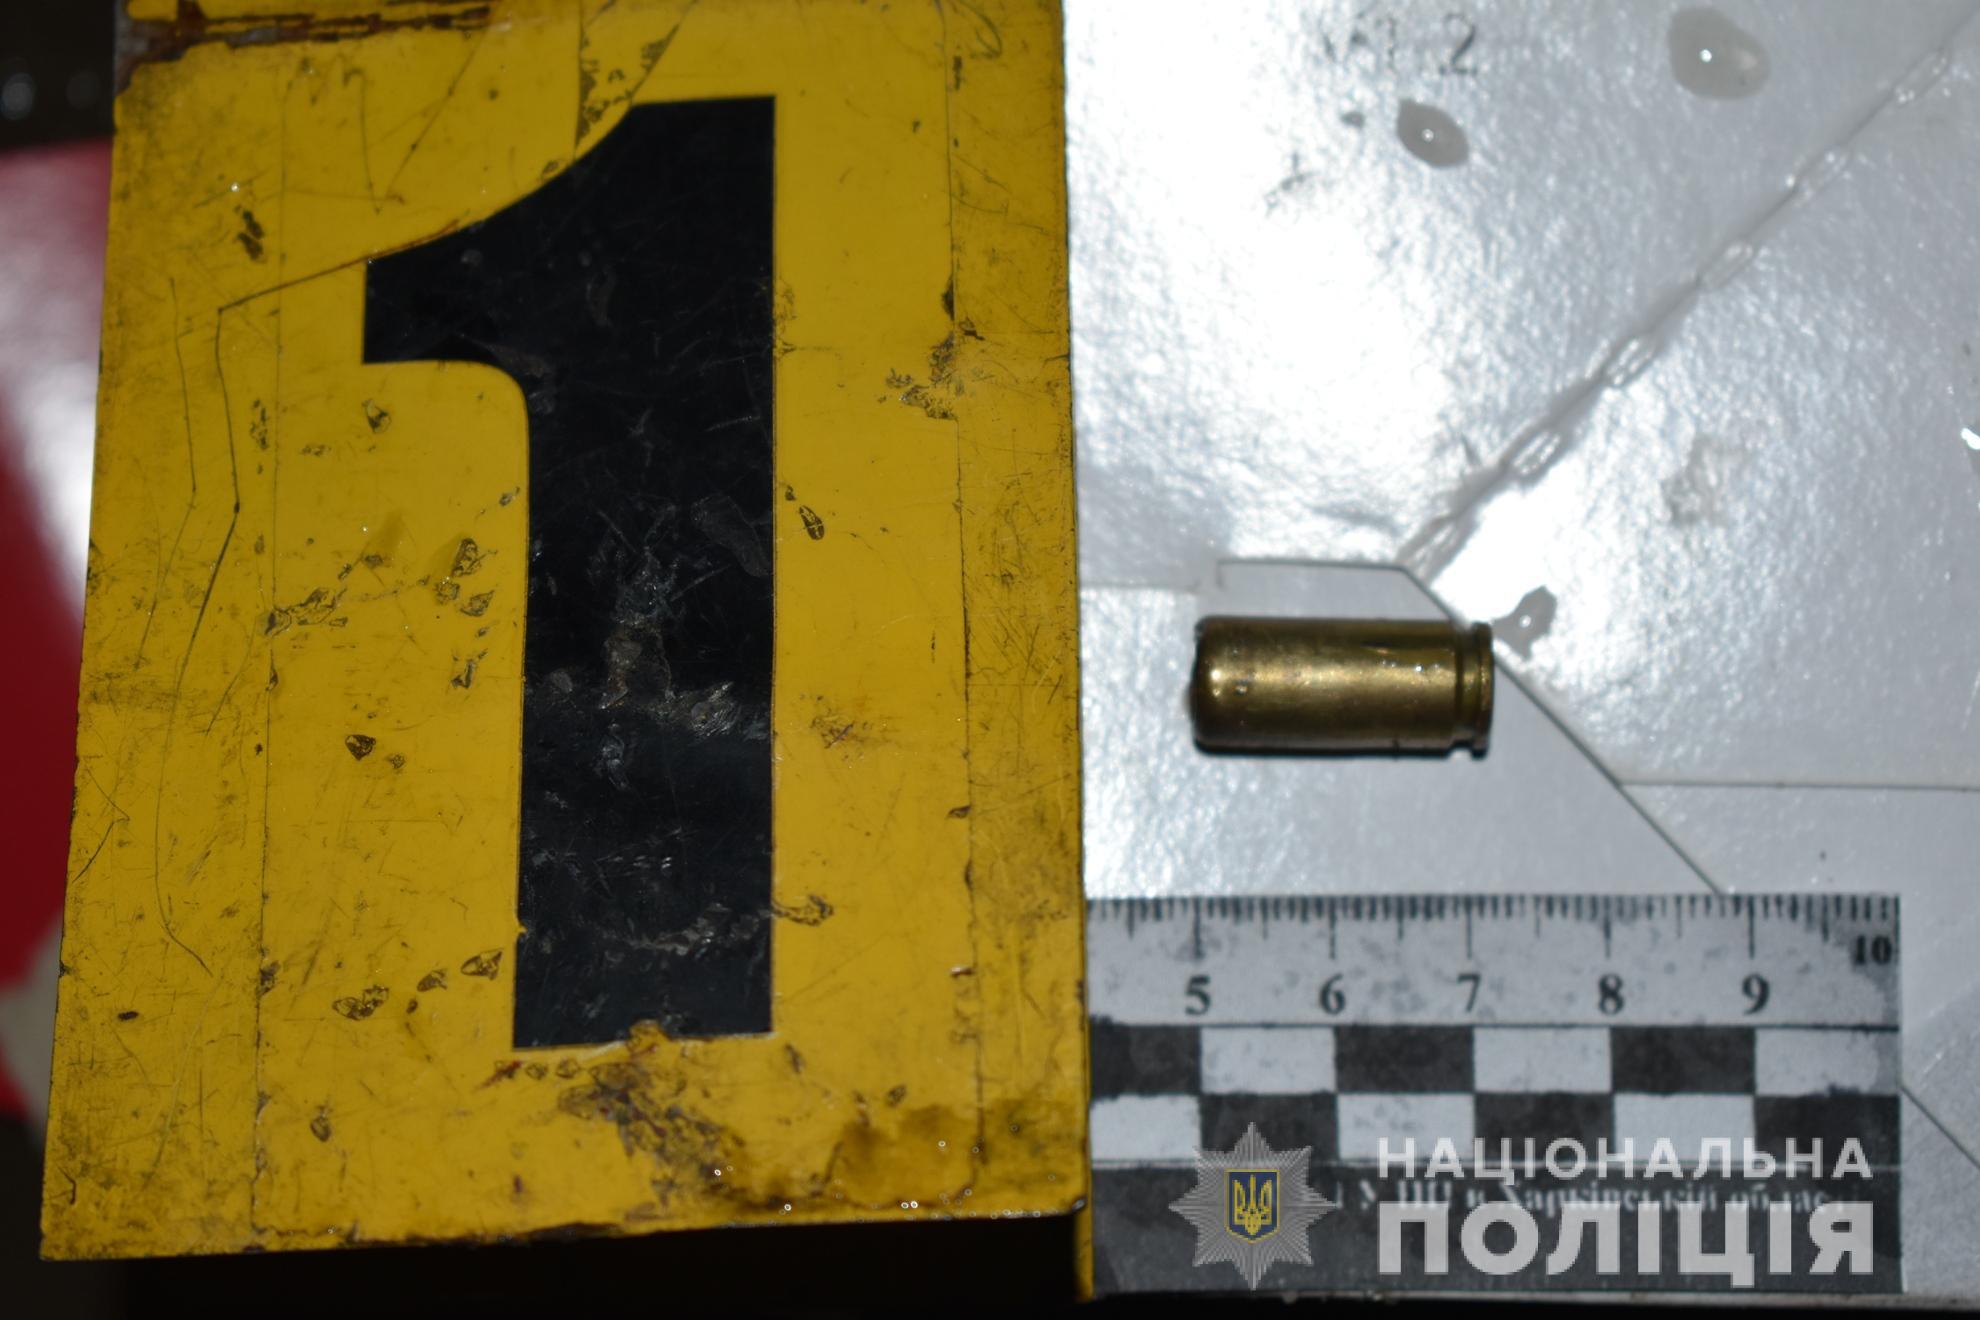 Стрельба в Харькове возле аптеки